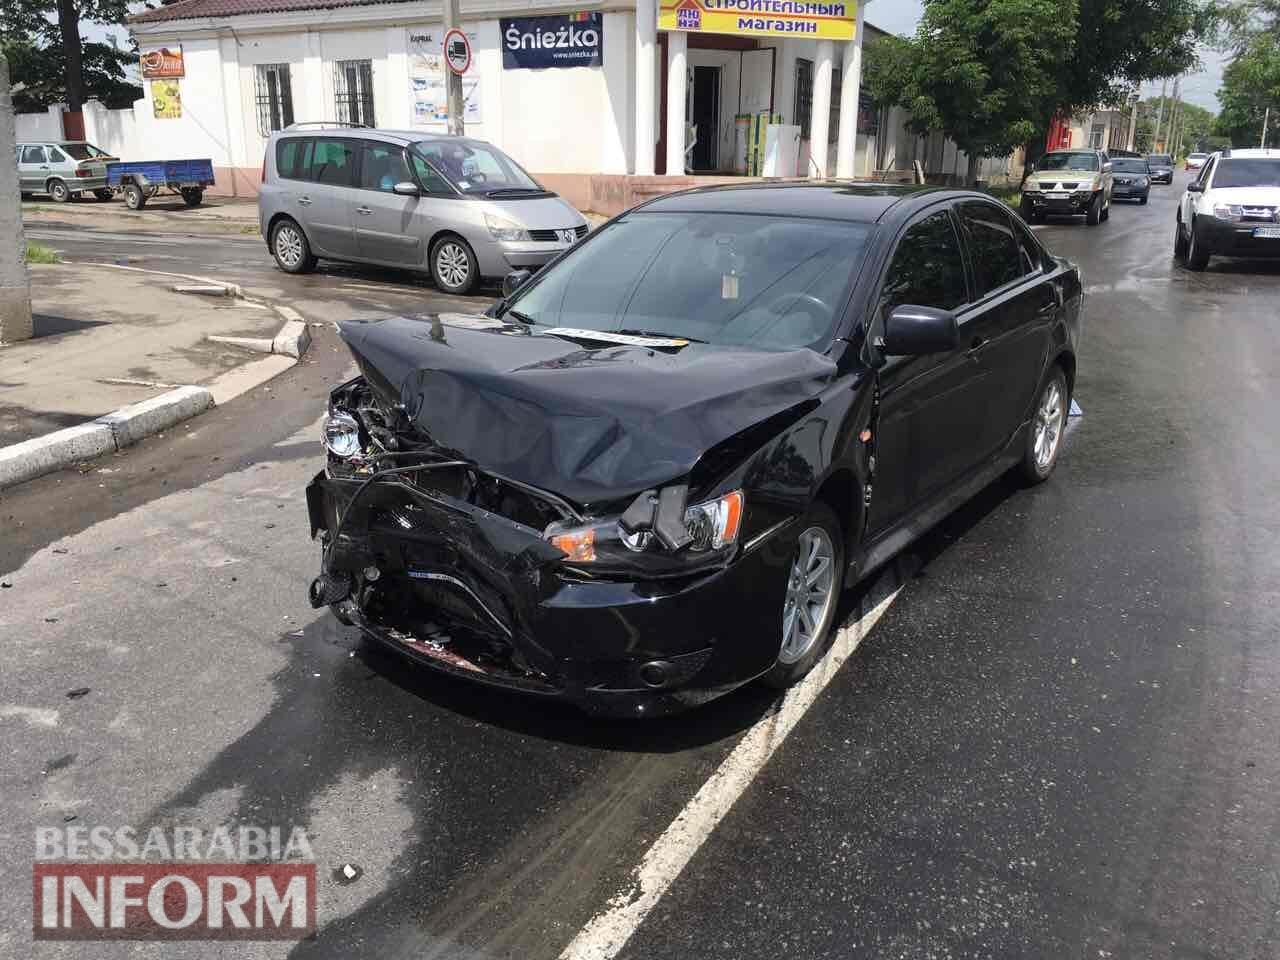 В Измаиле на одном из самых аварийно-опасных перекрестков произошло очередное ДТП